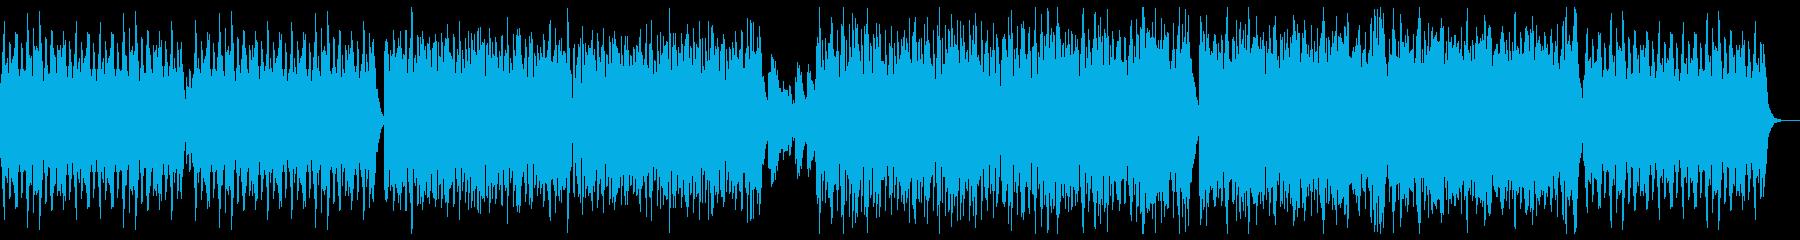 楽しく遊ぶポップピアノ:ピアノと低い弦の再生済みの波形